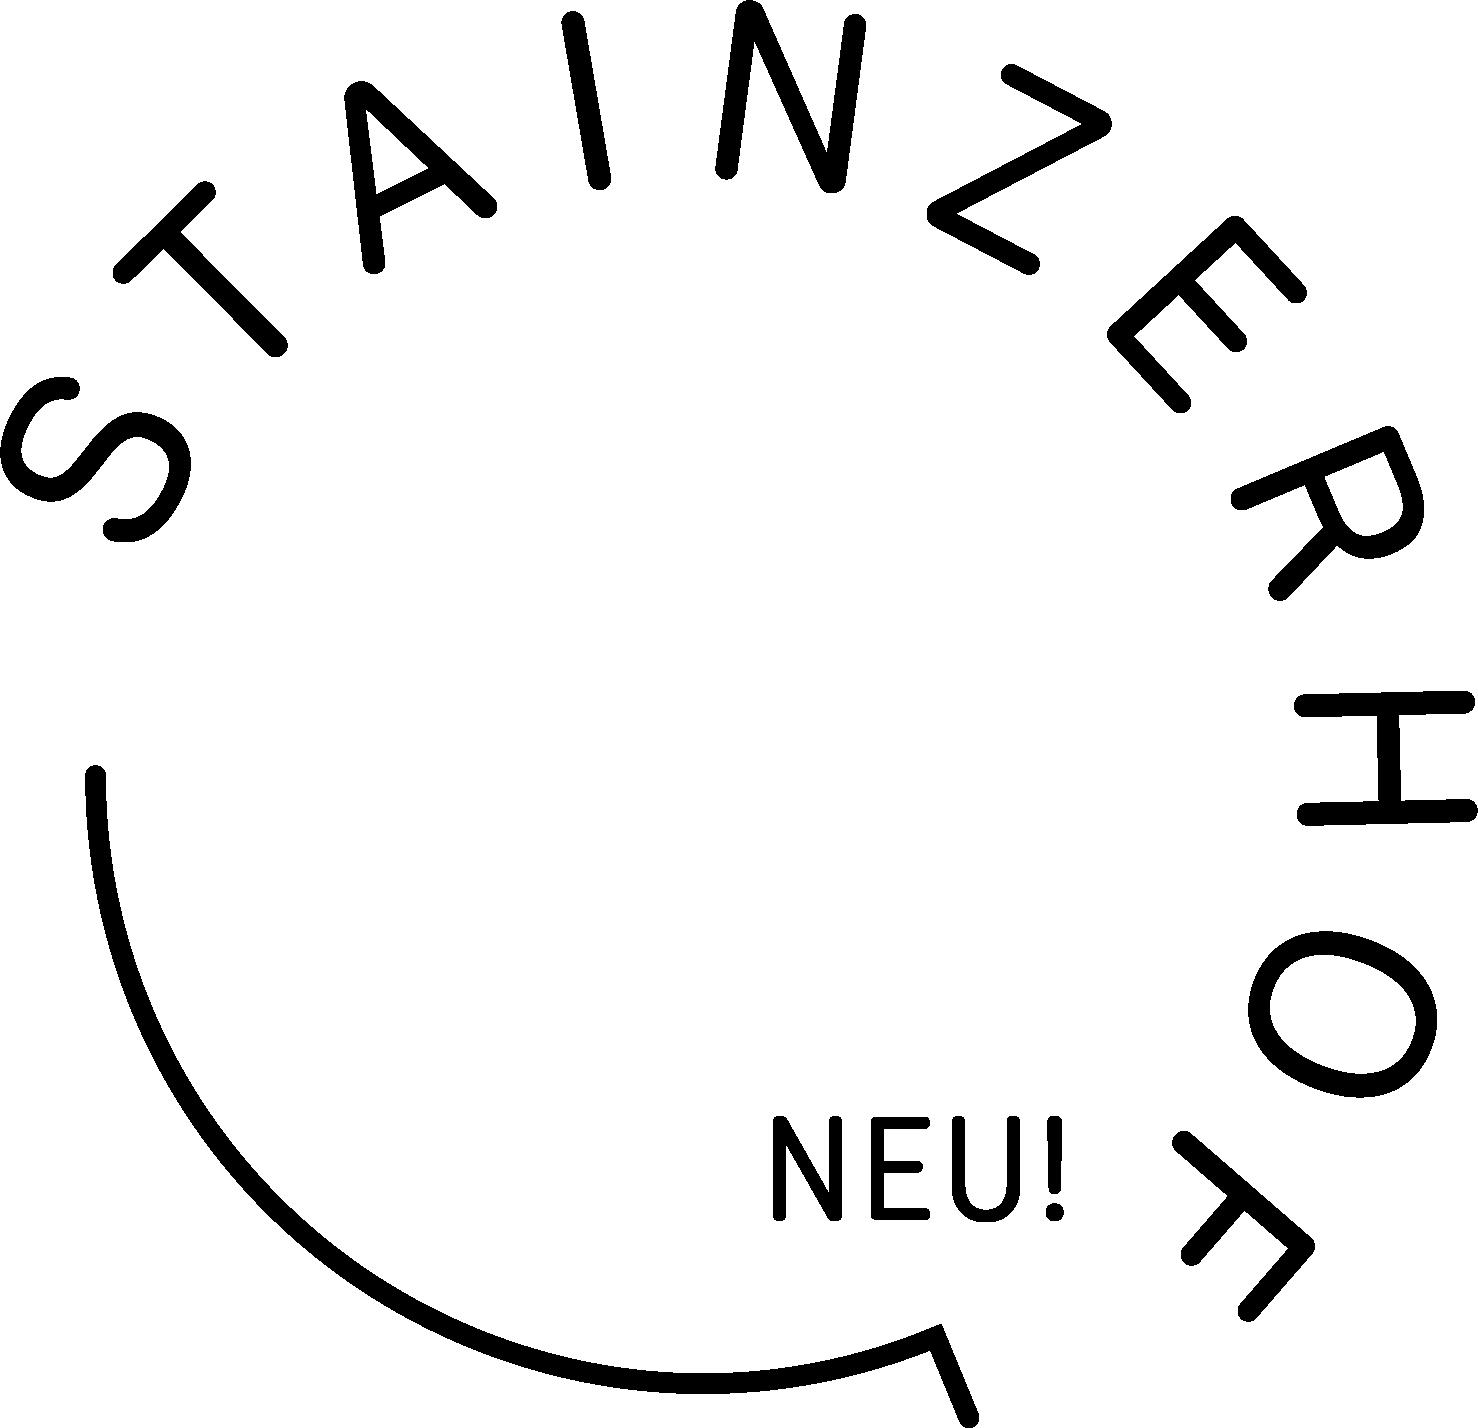 Stainzerhof